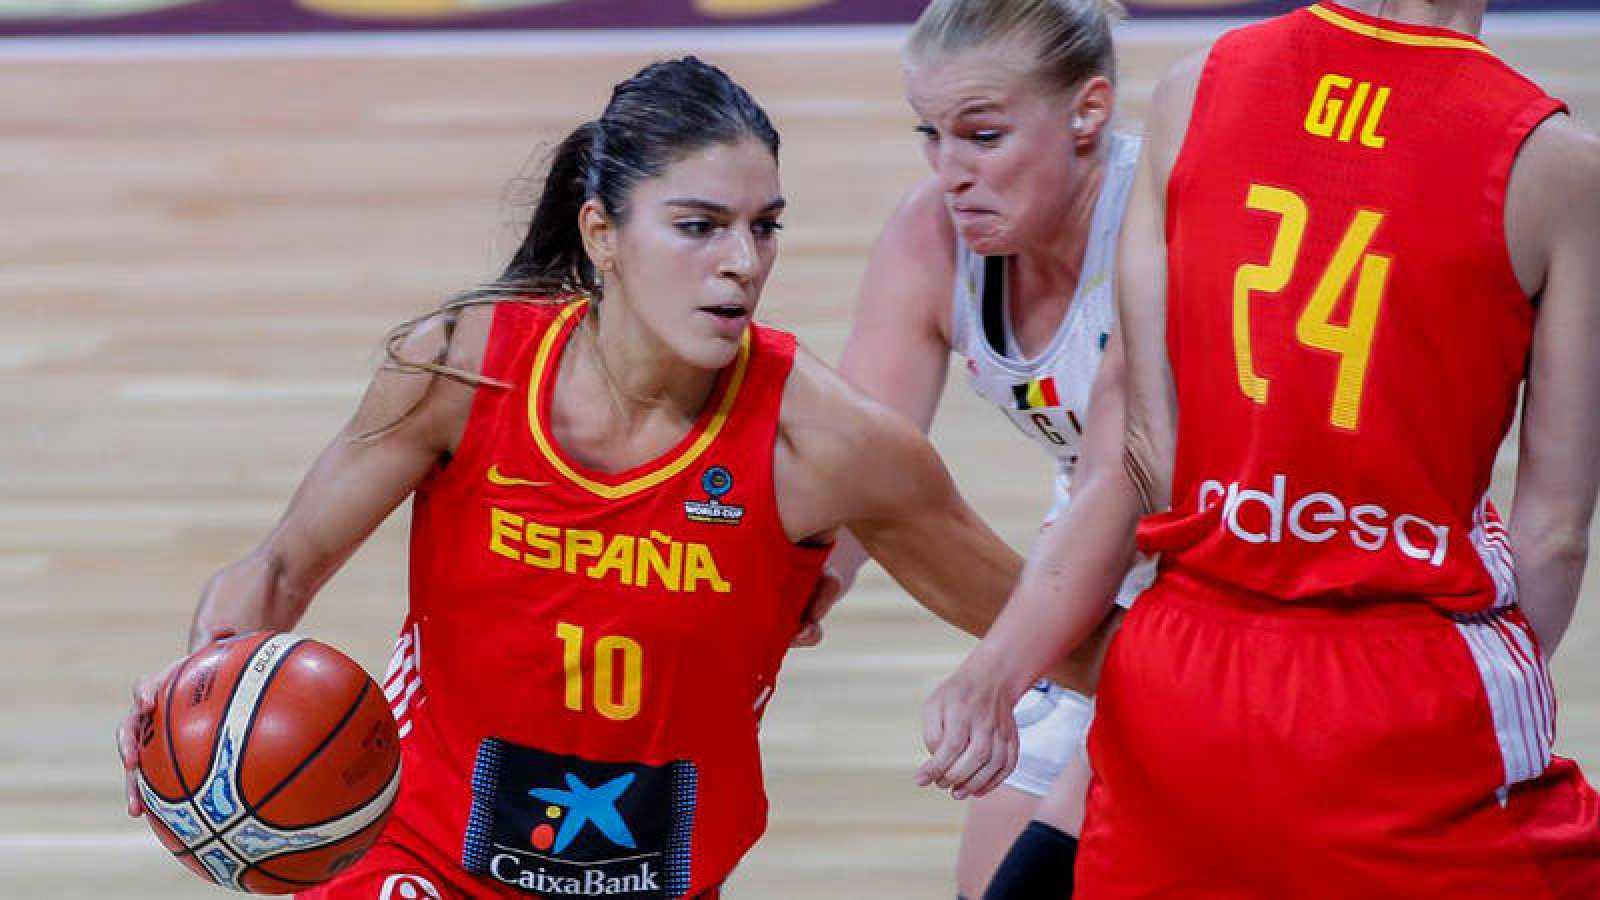 Mundobasket 2018: España cae ante Bélgica y se cita con Senegal